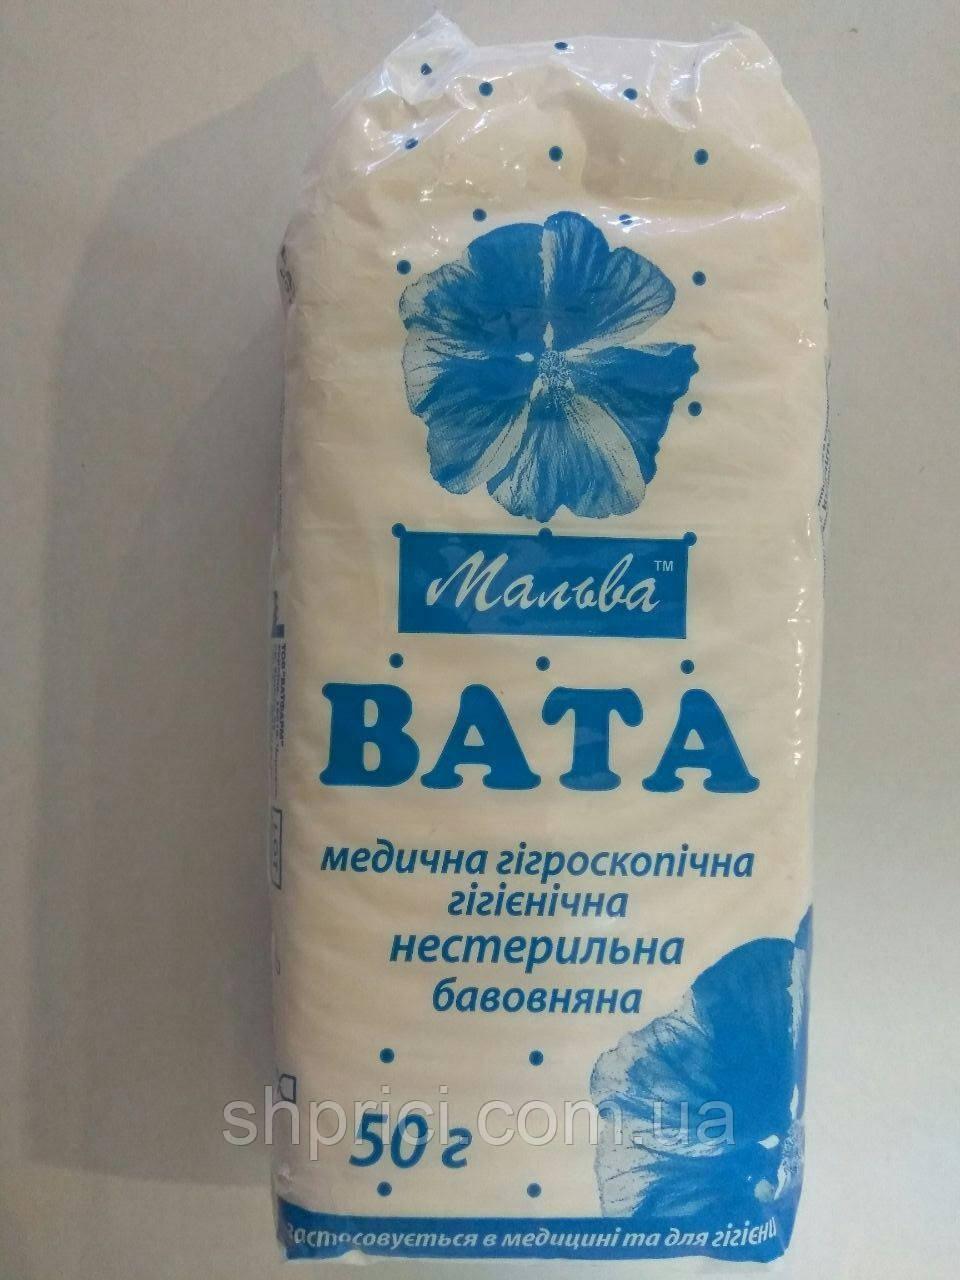 Вата медицинская 50 гр нестерильная (зиг-заг) Мальва/ Ватфарм